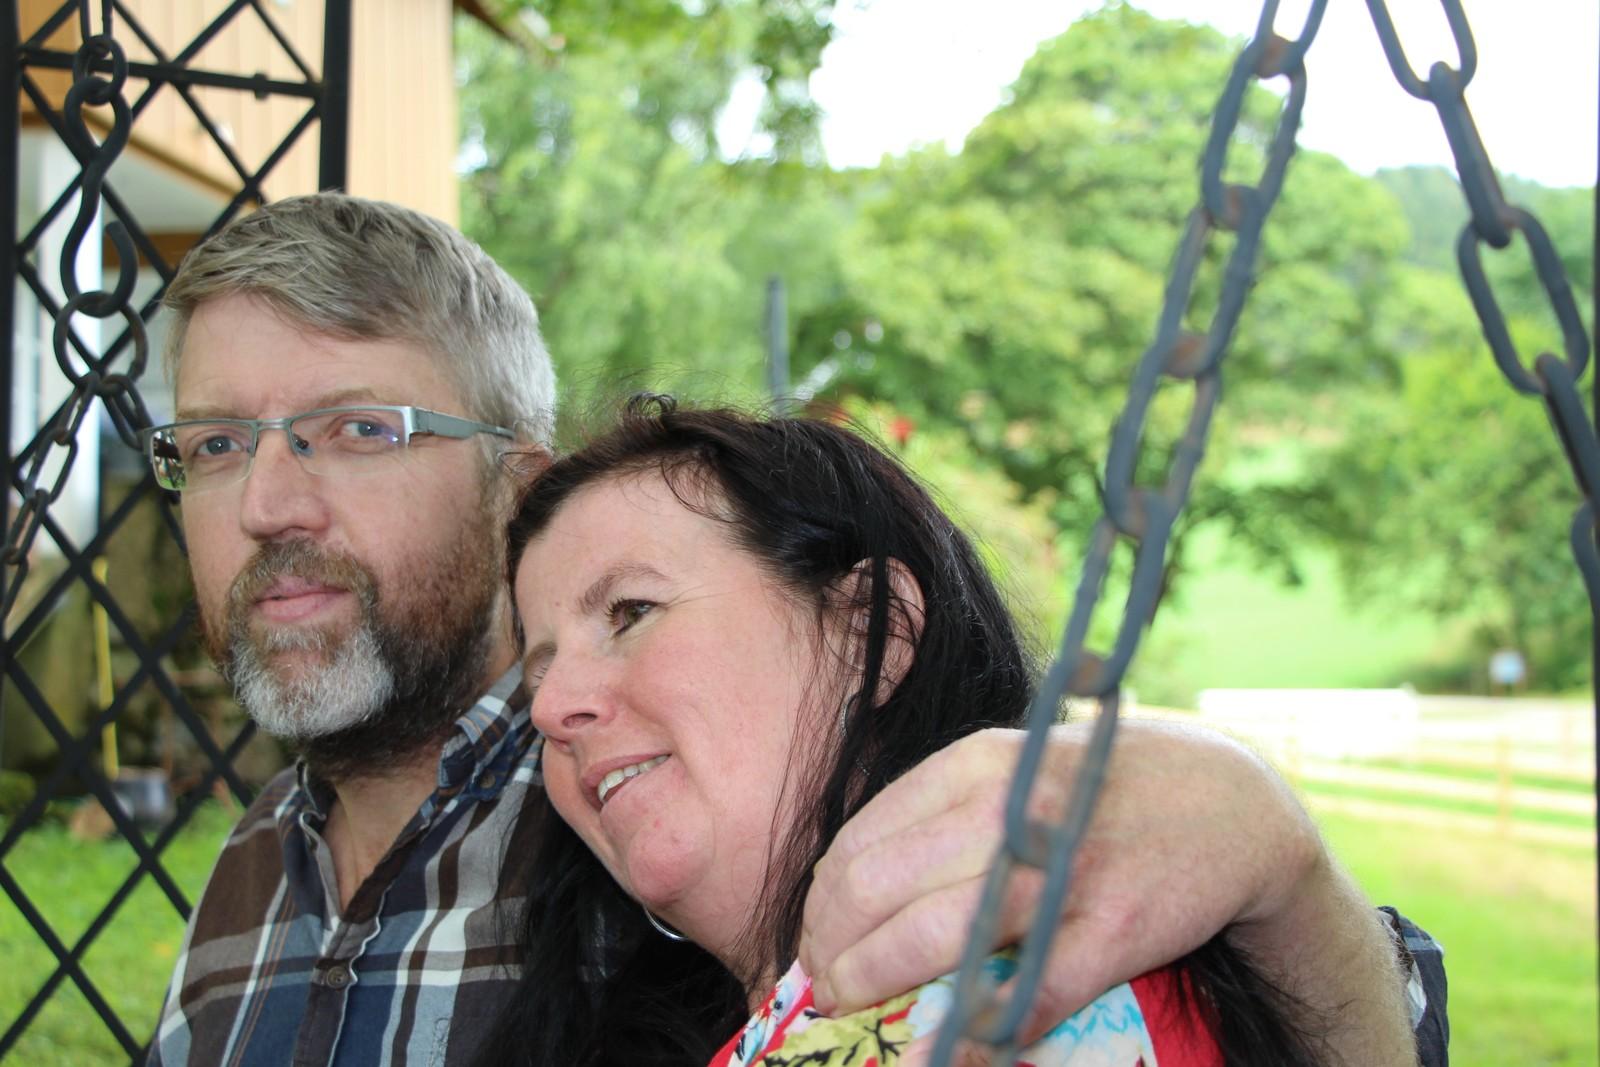 UTETID: Jon Reidar Austerheim og Marit Austerheim nyter også en god del tid ute i hagen.